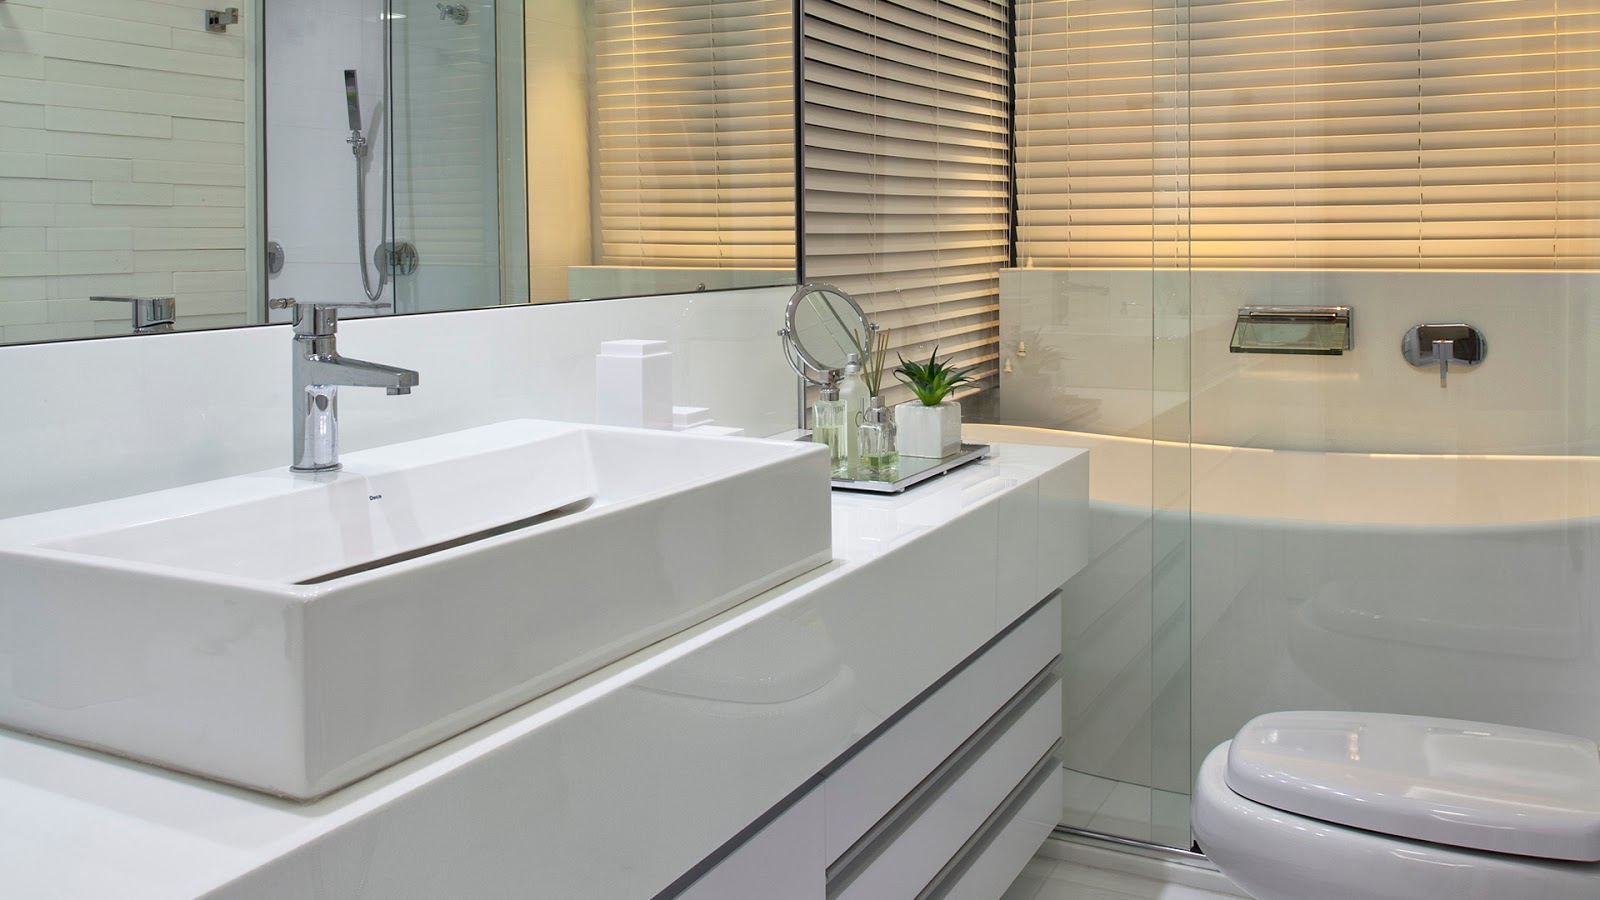 Decor Salteado Blog de Decoração Arquitetura e Construção #8C6E3F 1600x900 Banheiro Casal Dois Vasos